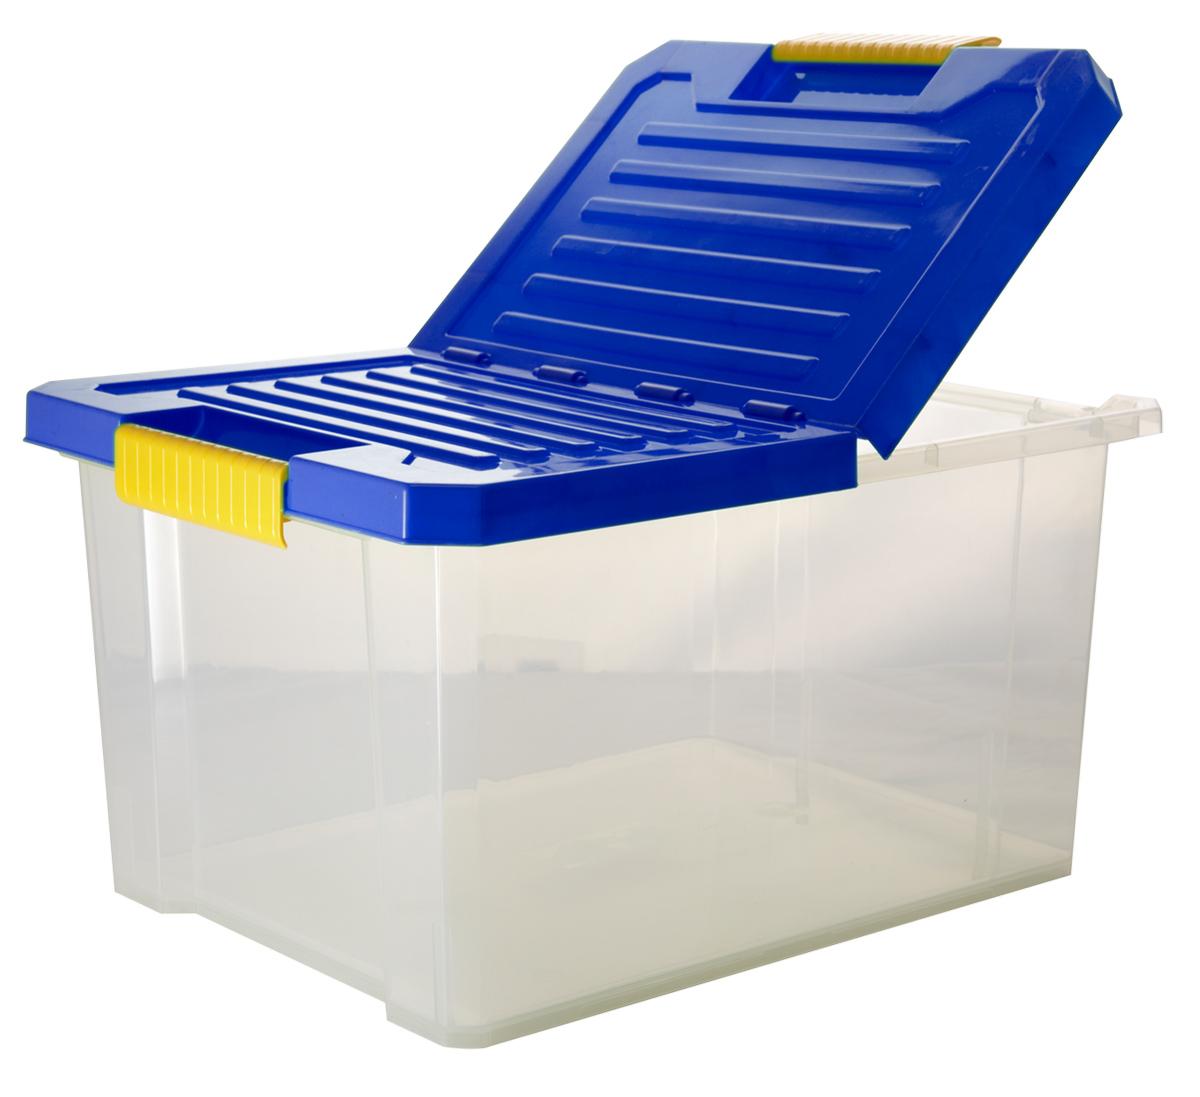 Ящик для хранения BranQ Unibox, цвет: синий, прозрачный, 17 лBQ2562СНЛЕГОУниверсальный ящик для хранения BranQ Unibox, выполненный из прочного пластика, поможет правильно организовать пространство в доме и сэкономить место. В нем можно хранить все, что угодно: одежду, обувь, детские игрушки и многое другое. Прочный каркас ящика позволит хранить как легкие вещи, так и переносить собранный урожай овощей или фруктов. Изделие оснащено складной крышкой, которая защитит вещи от пыли, грязи и влаги. Эргономичные ручки-защелки, позволяют переносить ящик как с крышкой, так и без нее.